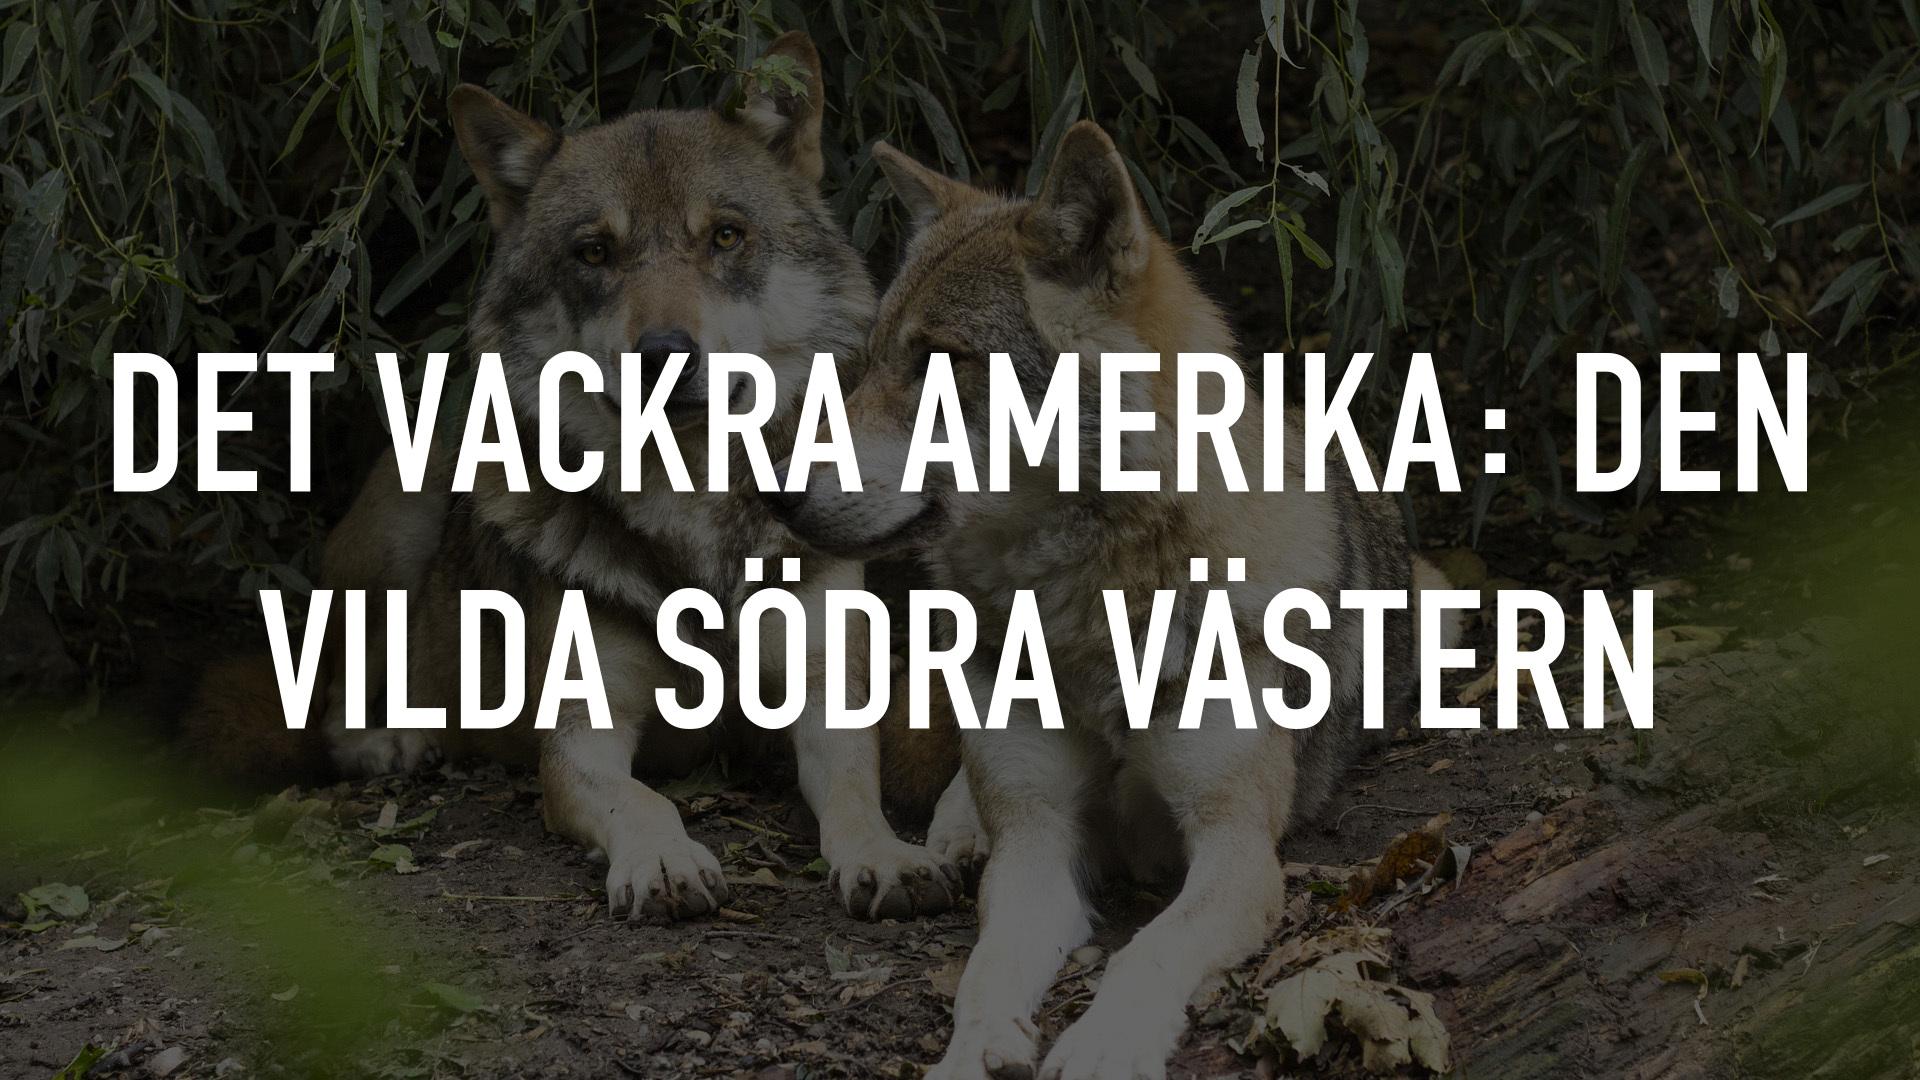 Det vackra Amerika: Den vilda södra Västern